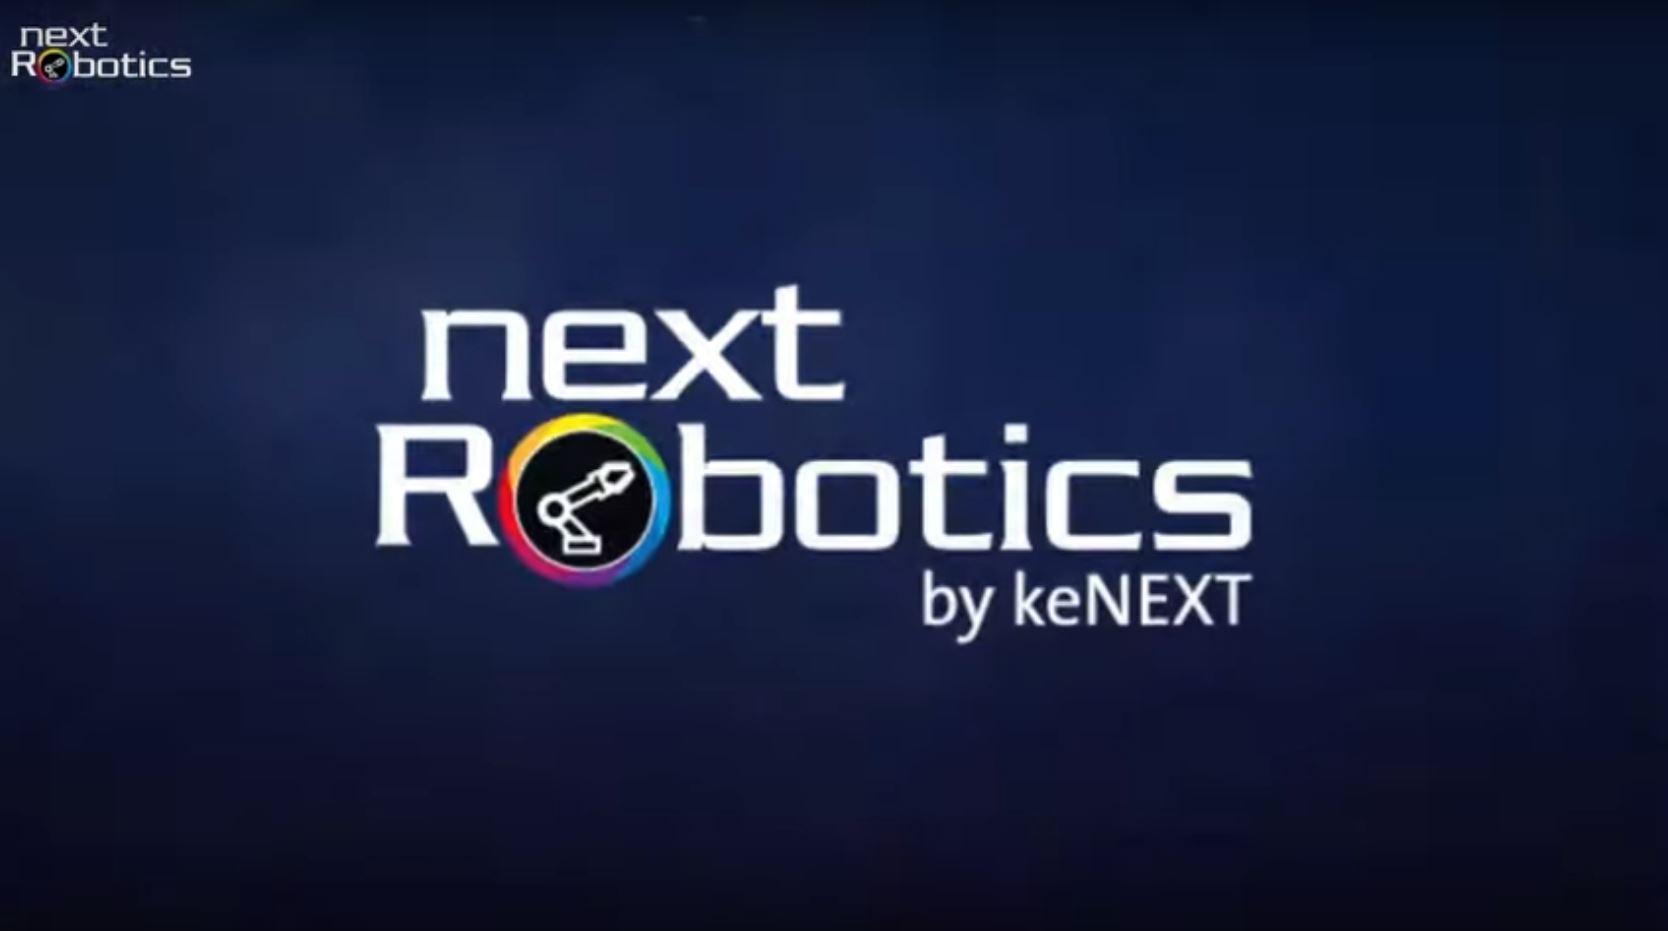 2020_10_next robotics